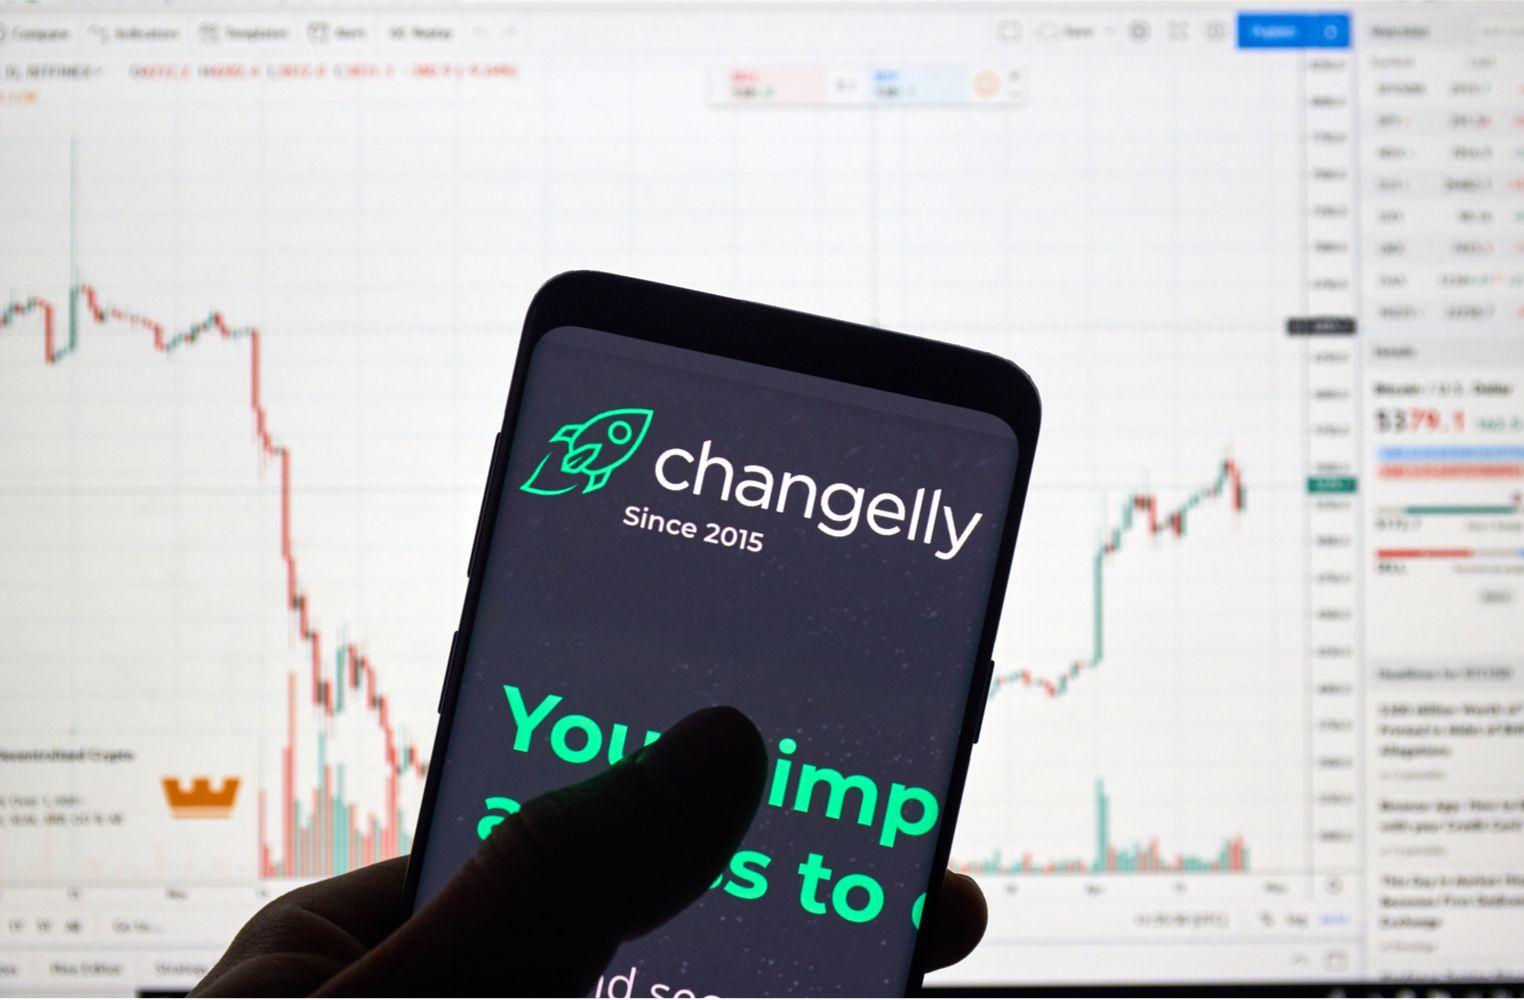 Changelly Exchange Review: Alacsony díjak regisztráció nélkül?